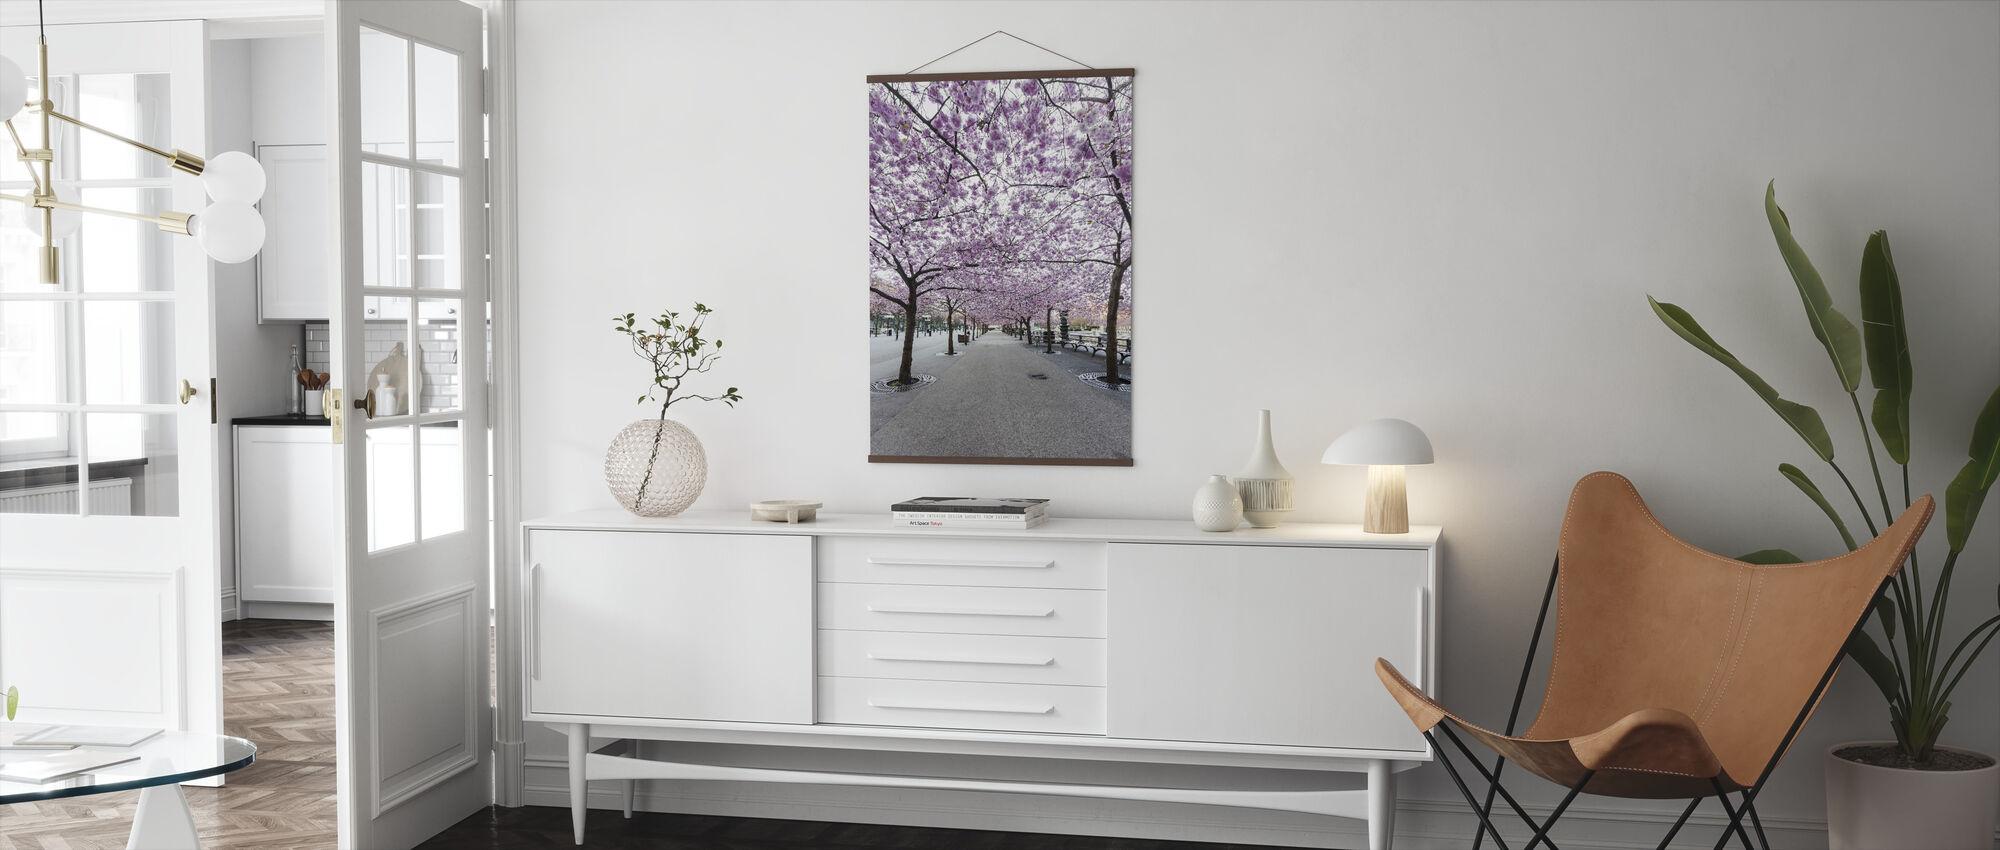 Flores de cerezo - Póster - Salón